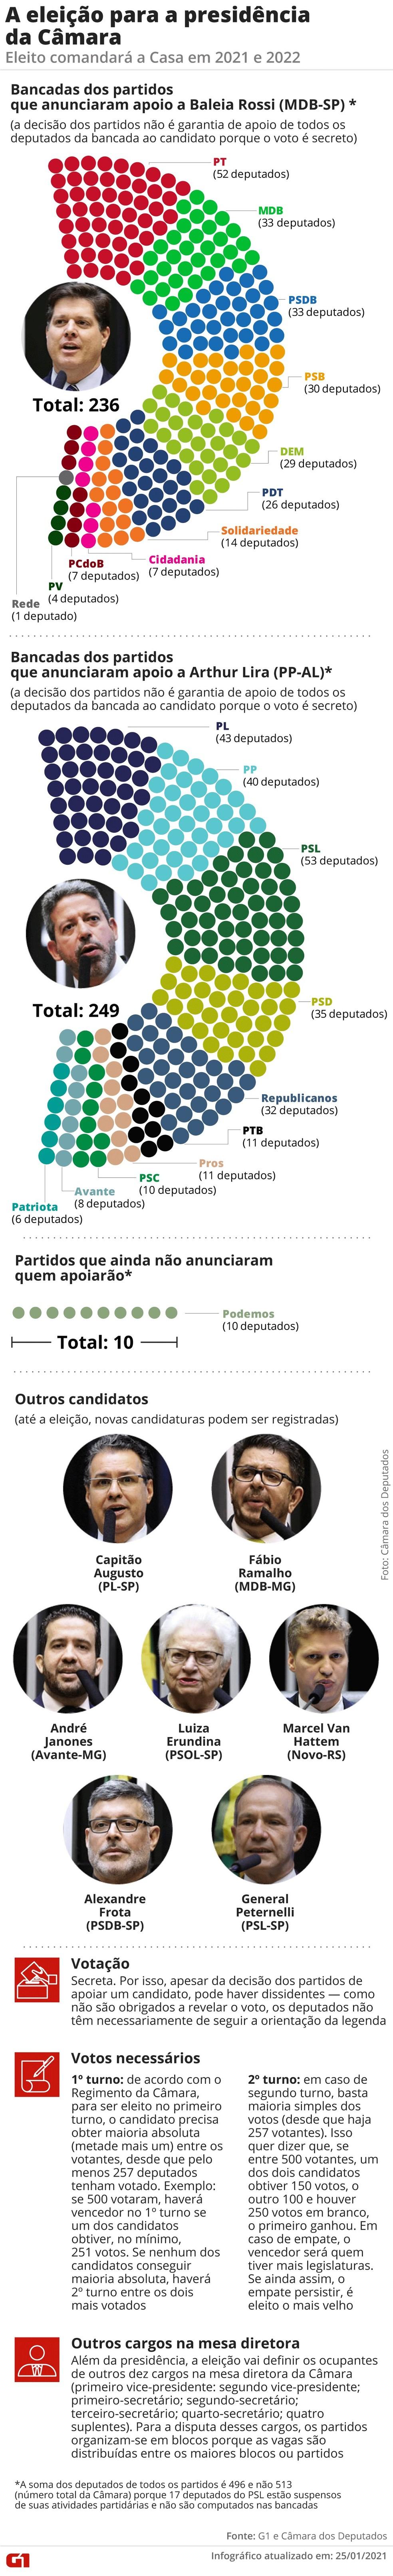 A eleição para a presidência da Câmara — Foto: Editoria de Arte / G1